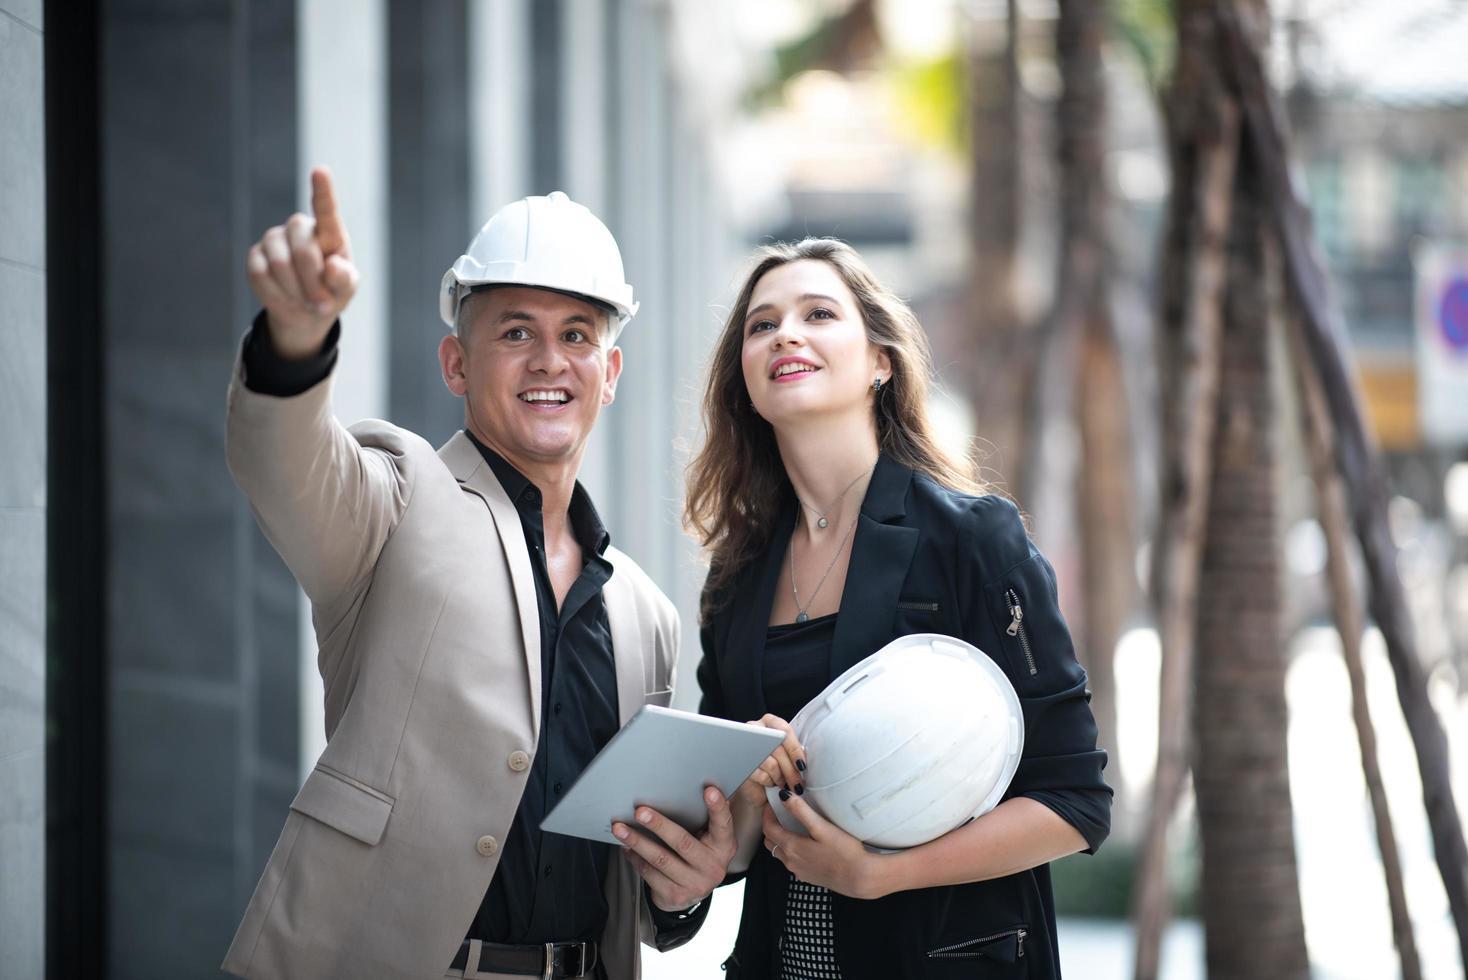 deux ouvriers inspectant un chantier de construction photo